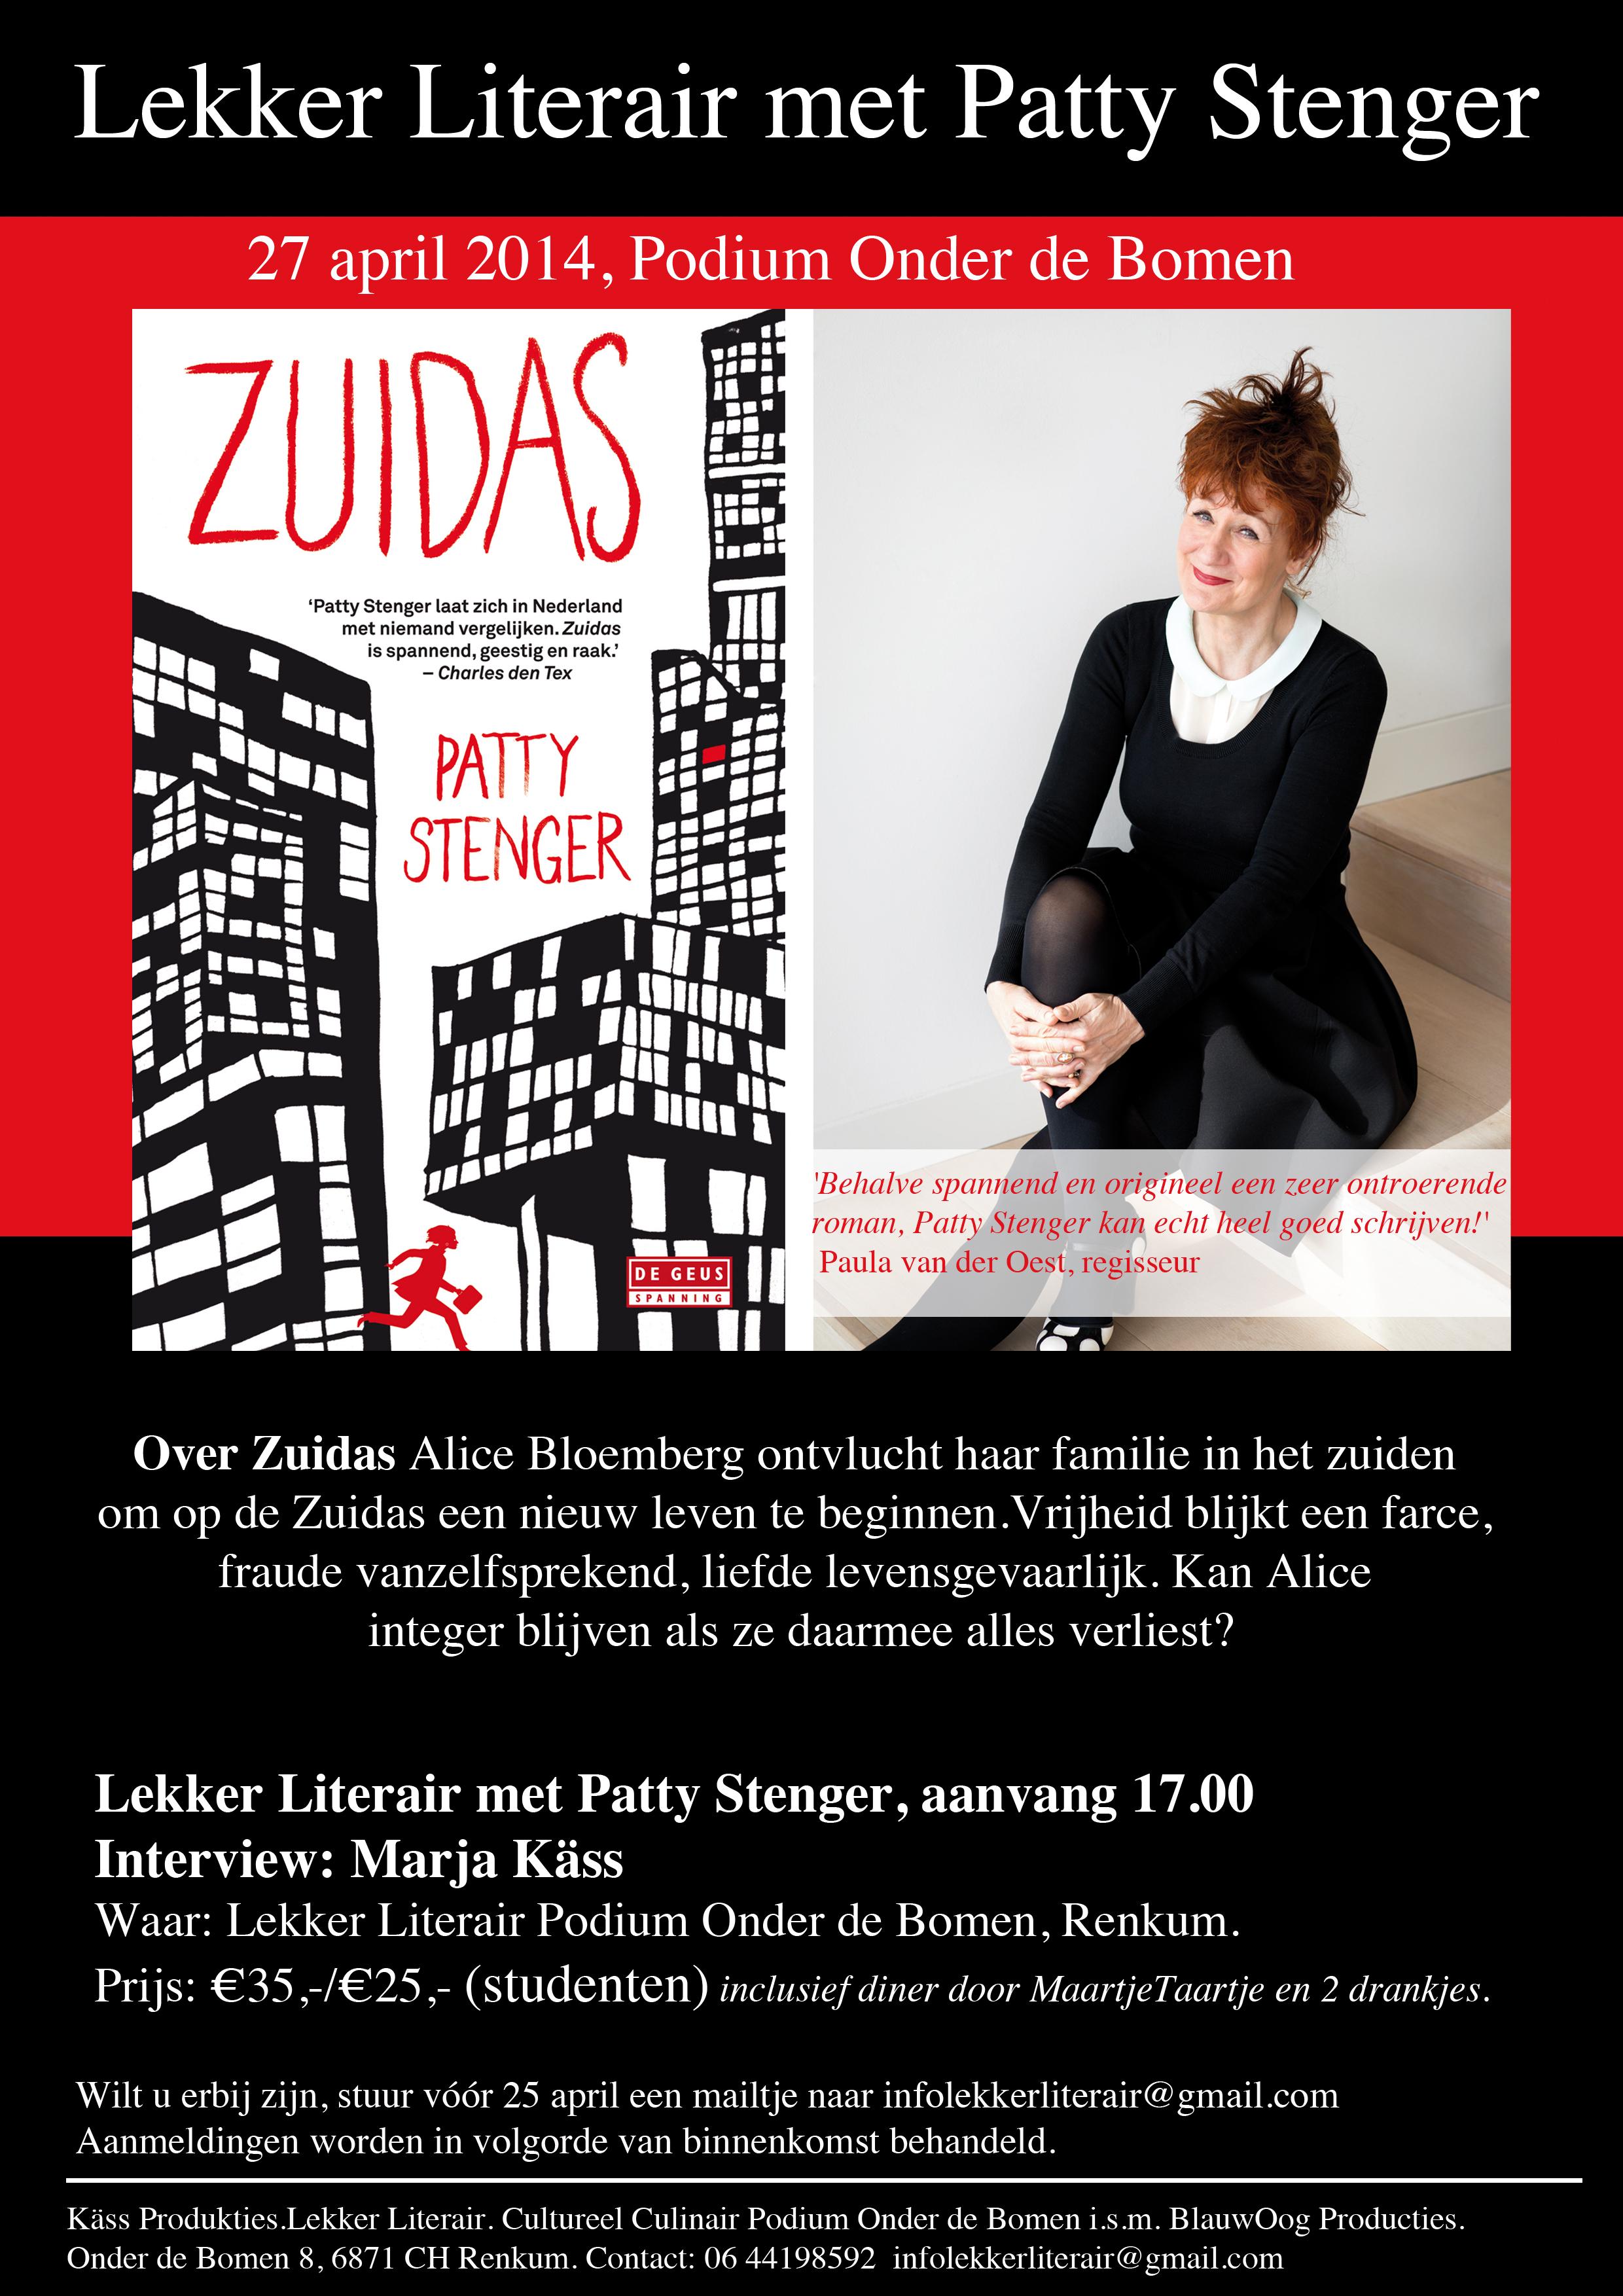 Lekker Literair met Patty Stenger uitnodiging_2